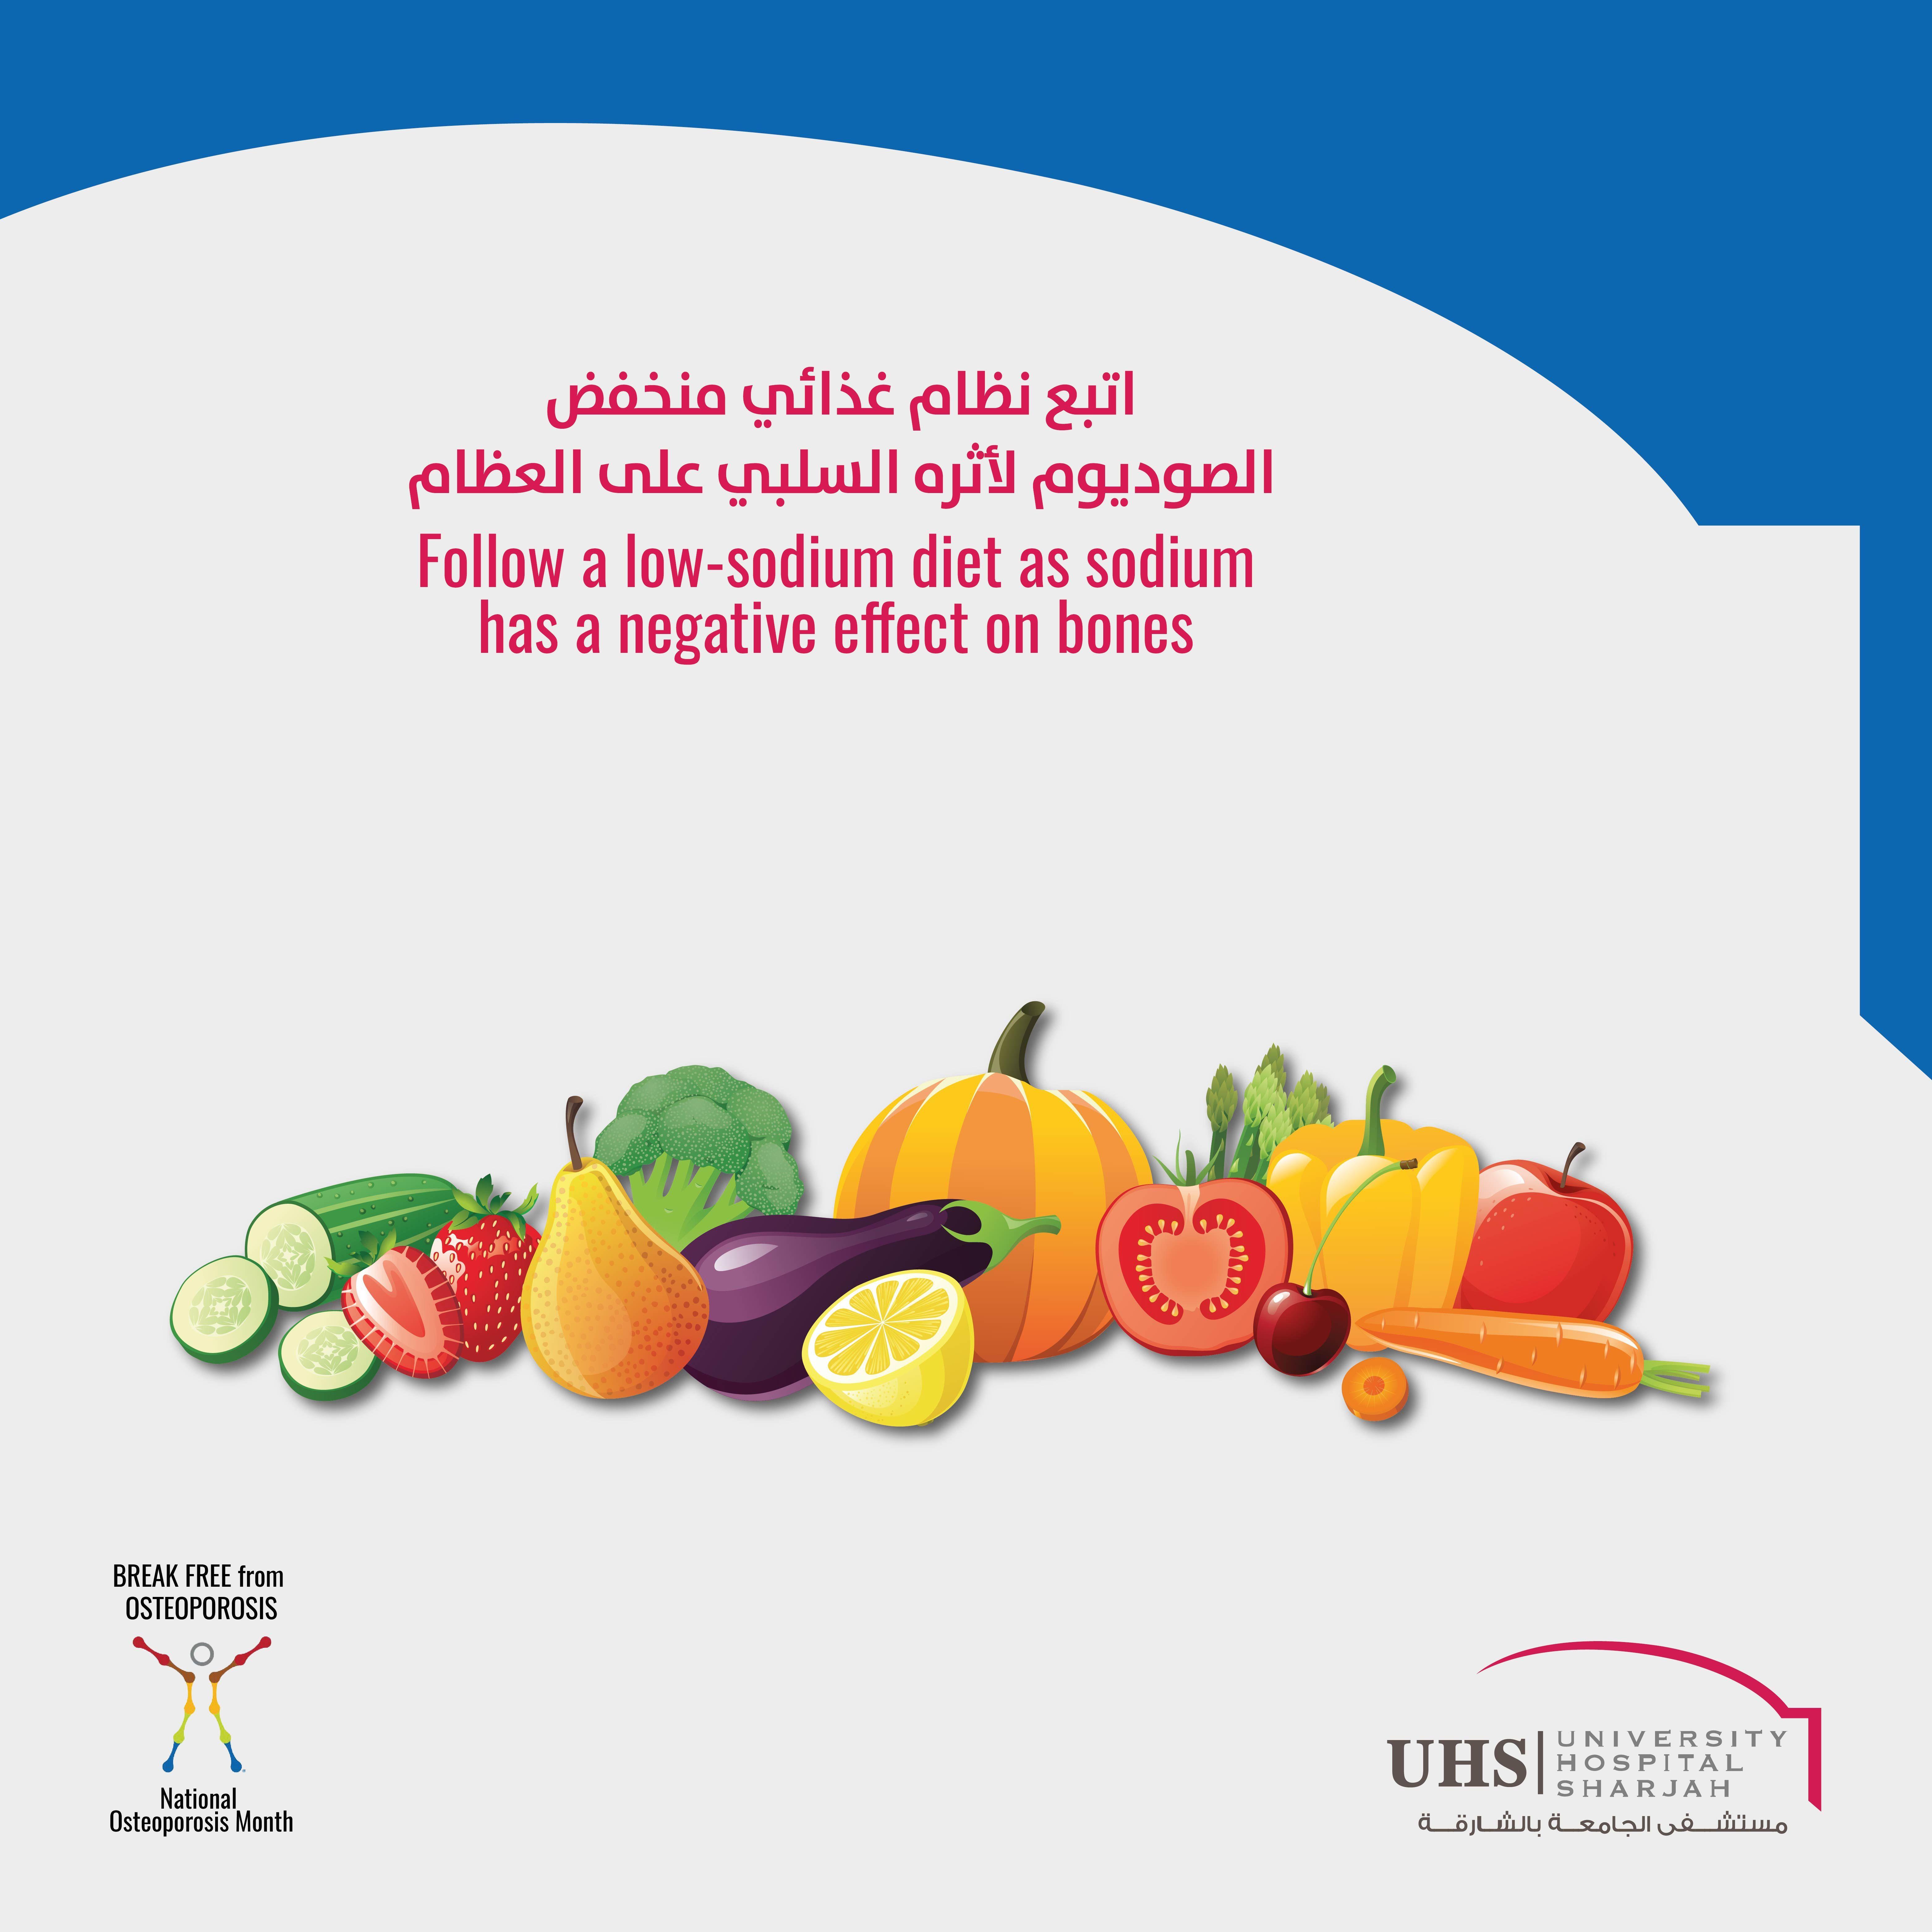 اتبع نظام غذائي منخفض الصوديوم لأثره السلبي على العظام أكثر من تناول الأطعمة الغنية بالبوتاسيوم والتي تساعد في تعو Low Sodium Diet Osteoporosis Awareness Month